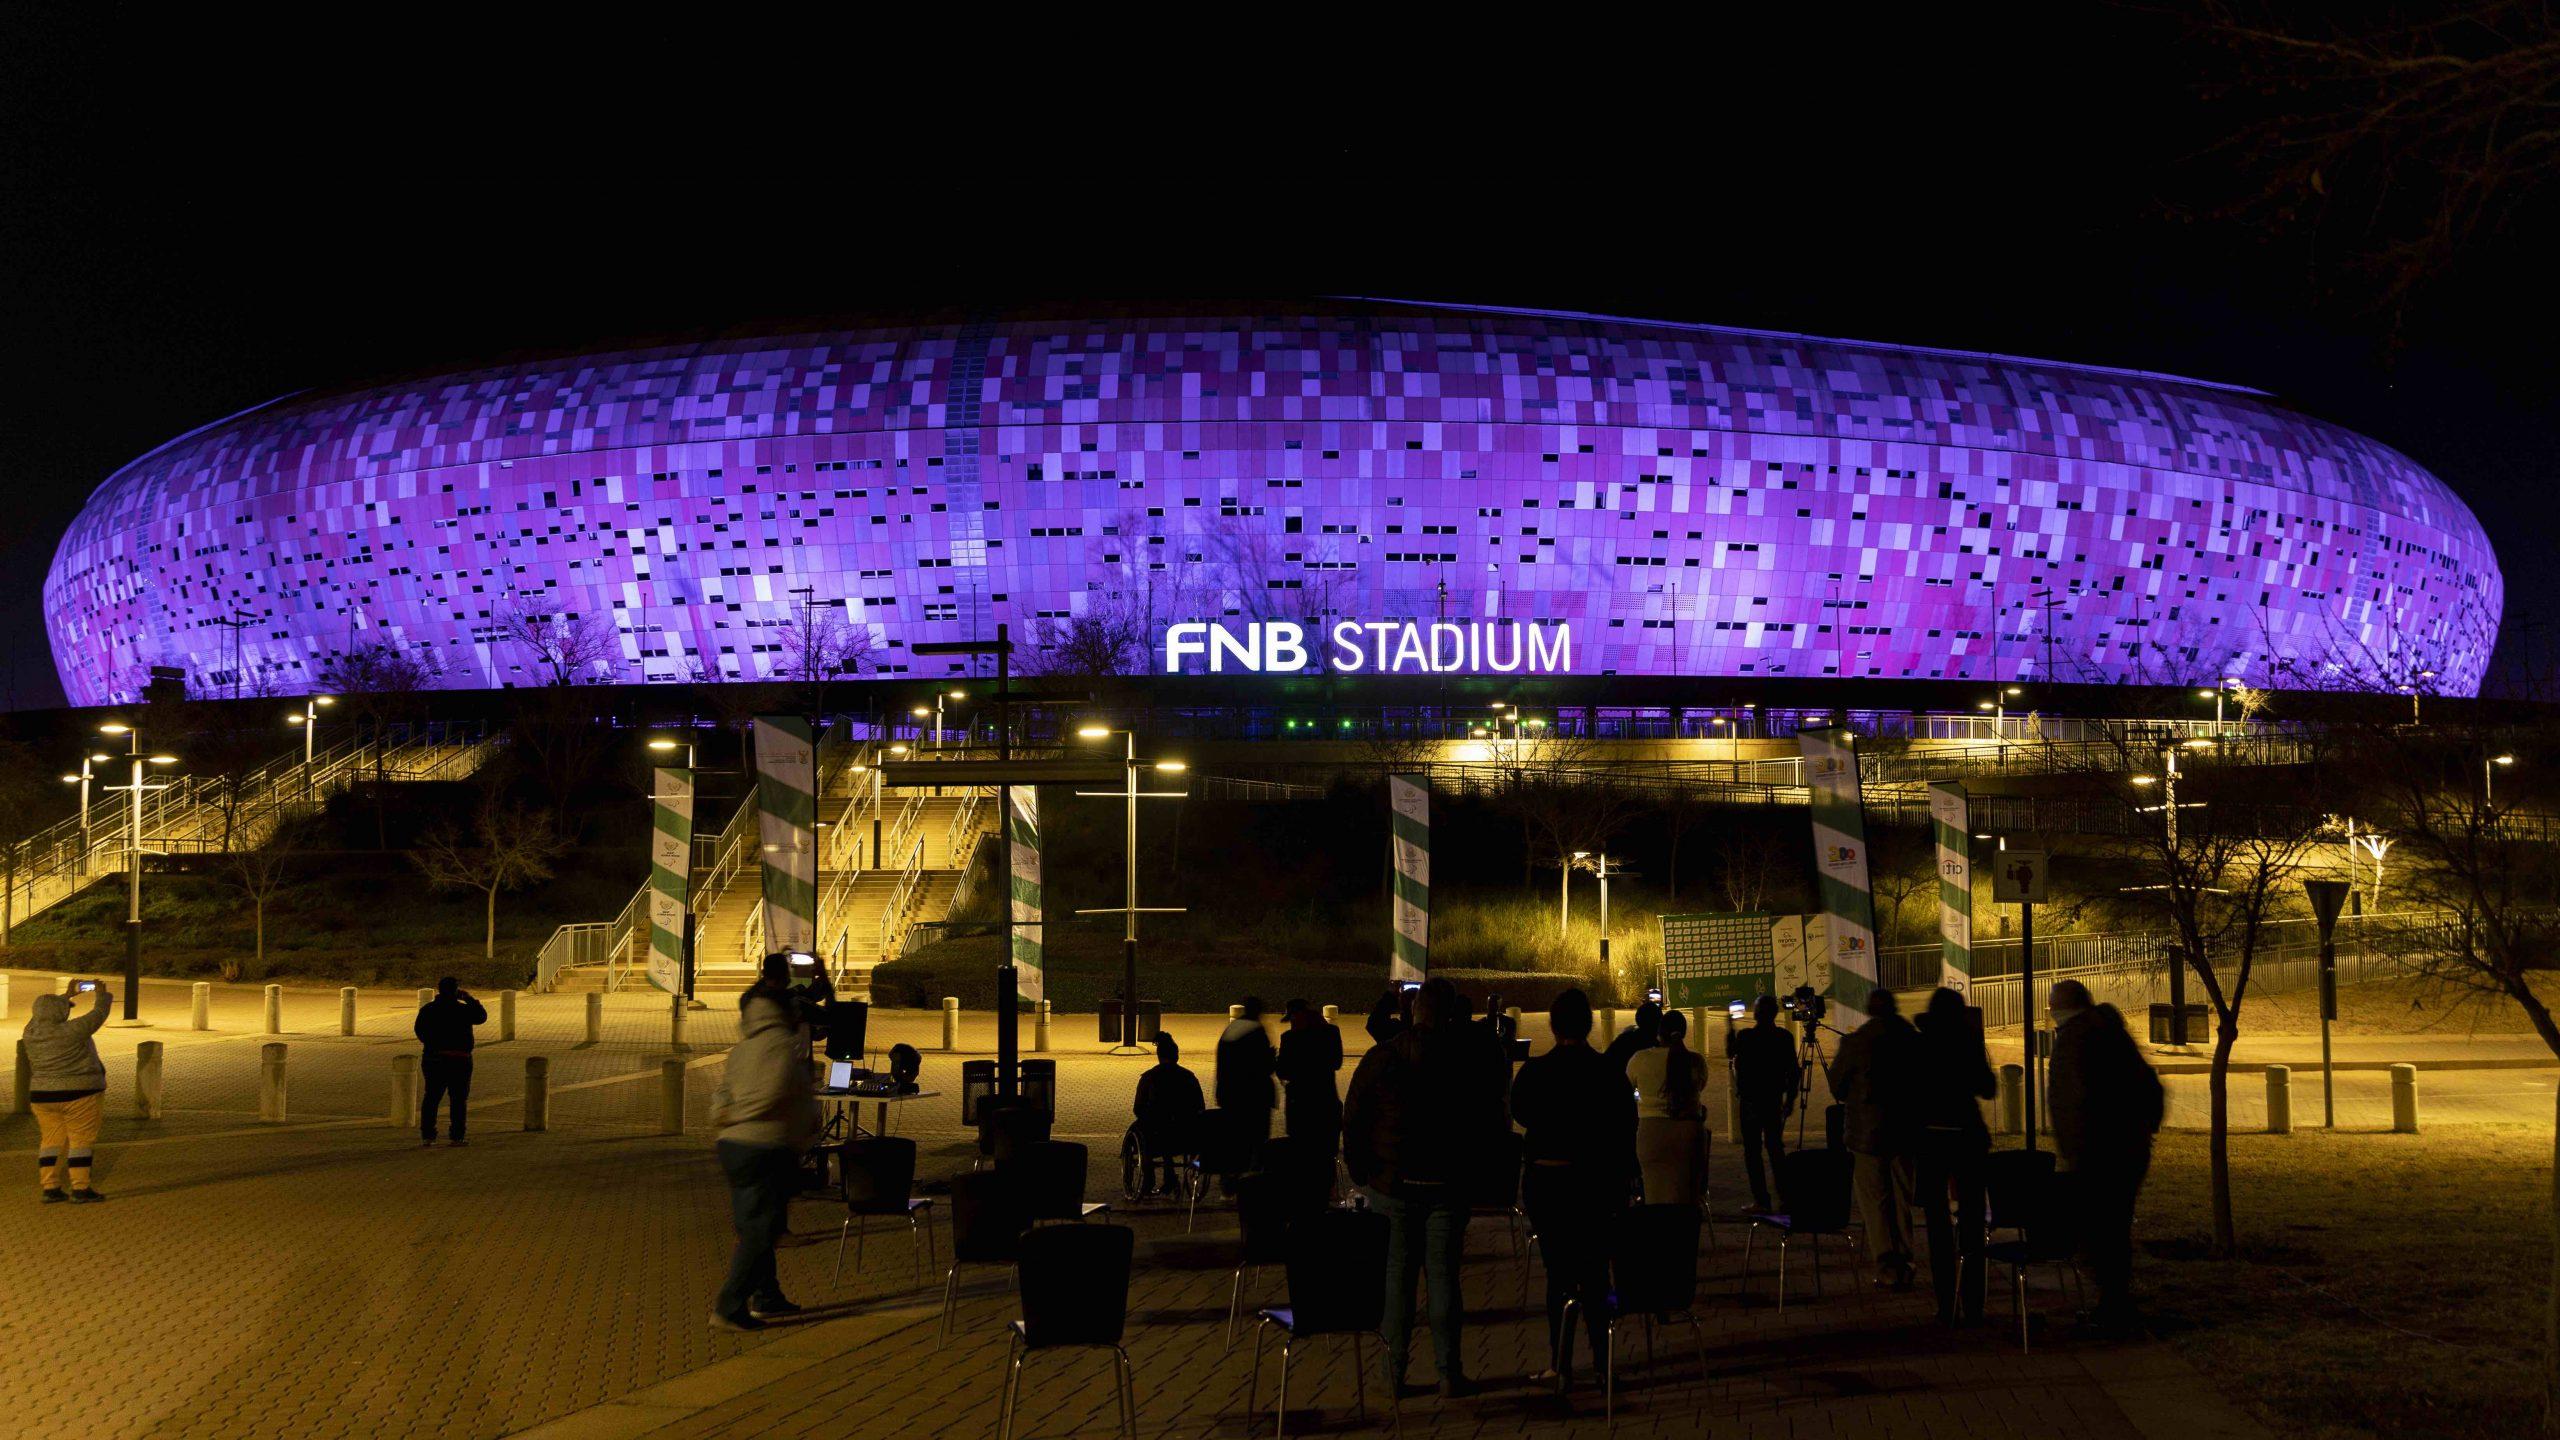 WeThe15 campaign: FNB Stadium lit up purple